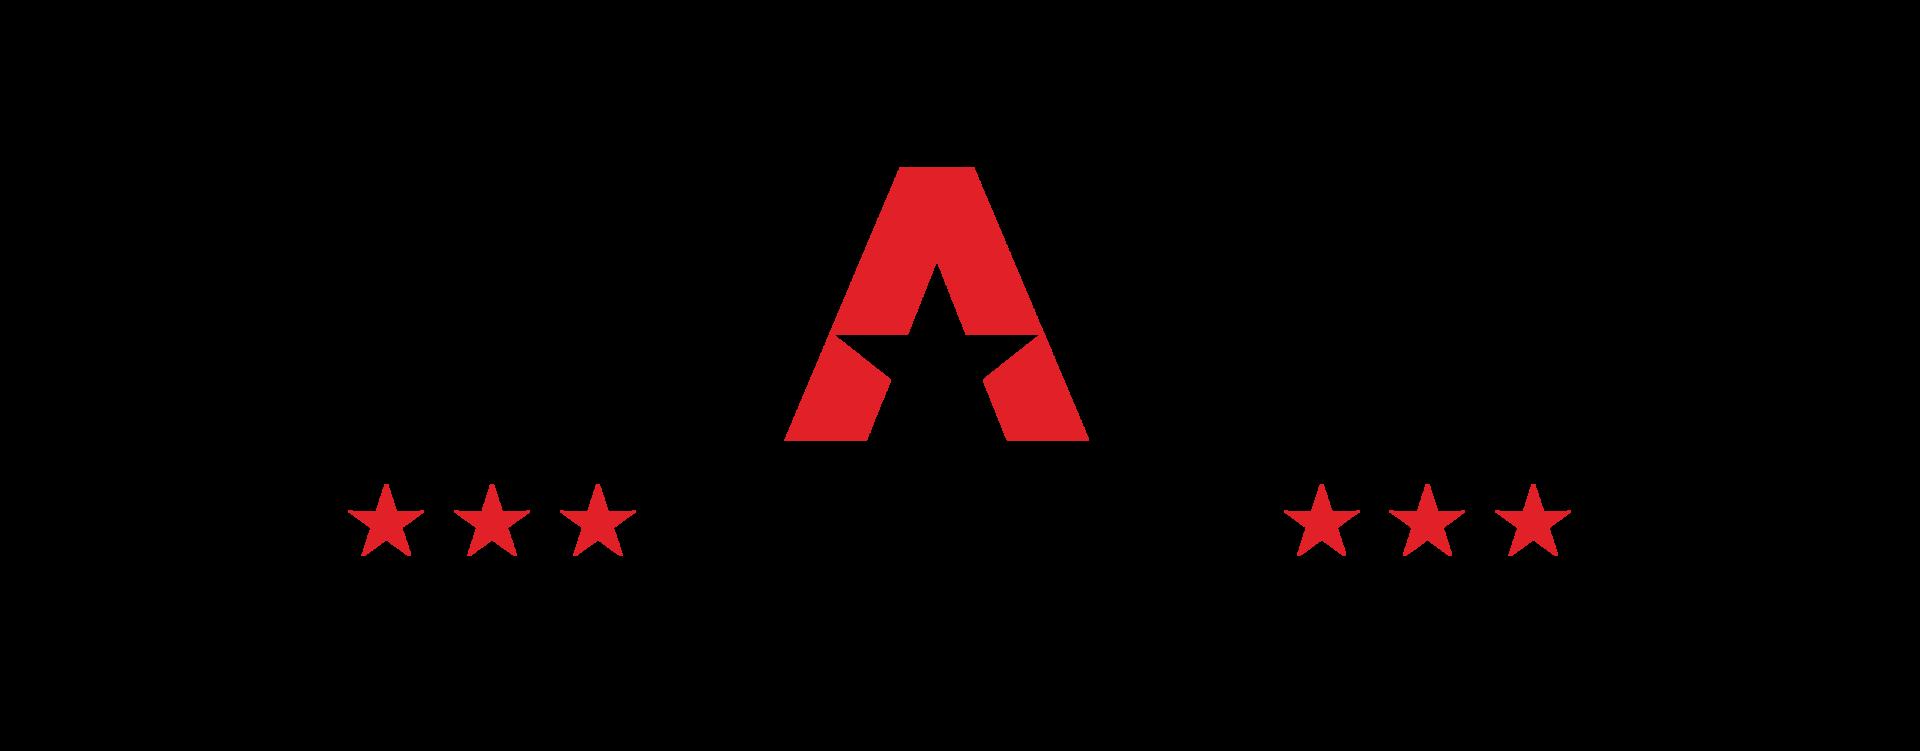 Annieblack logo color